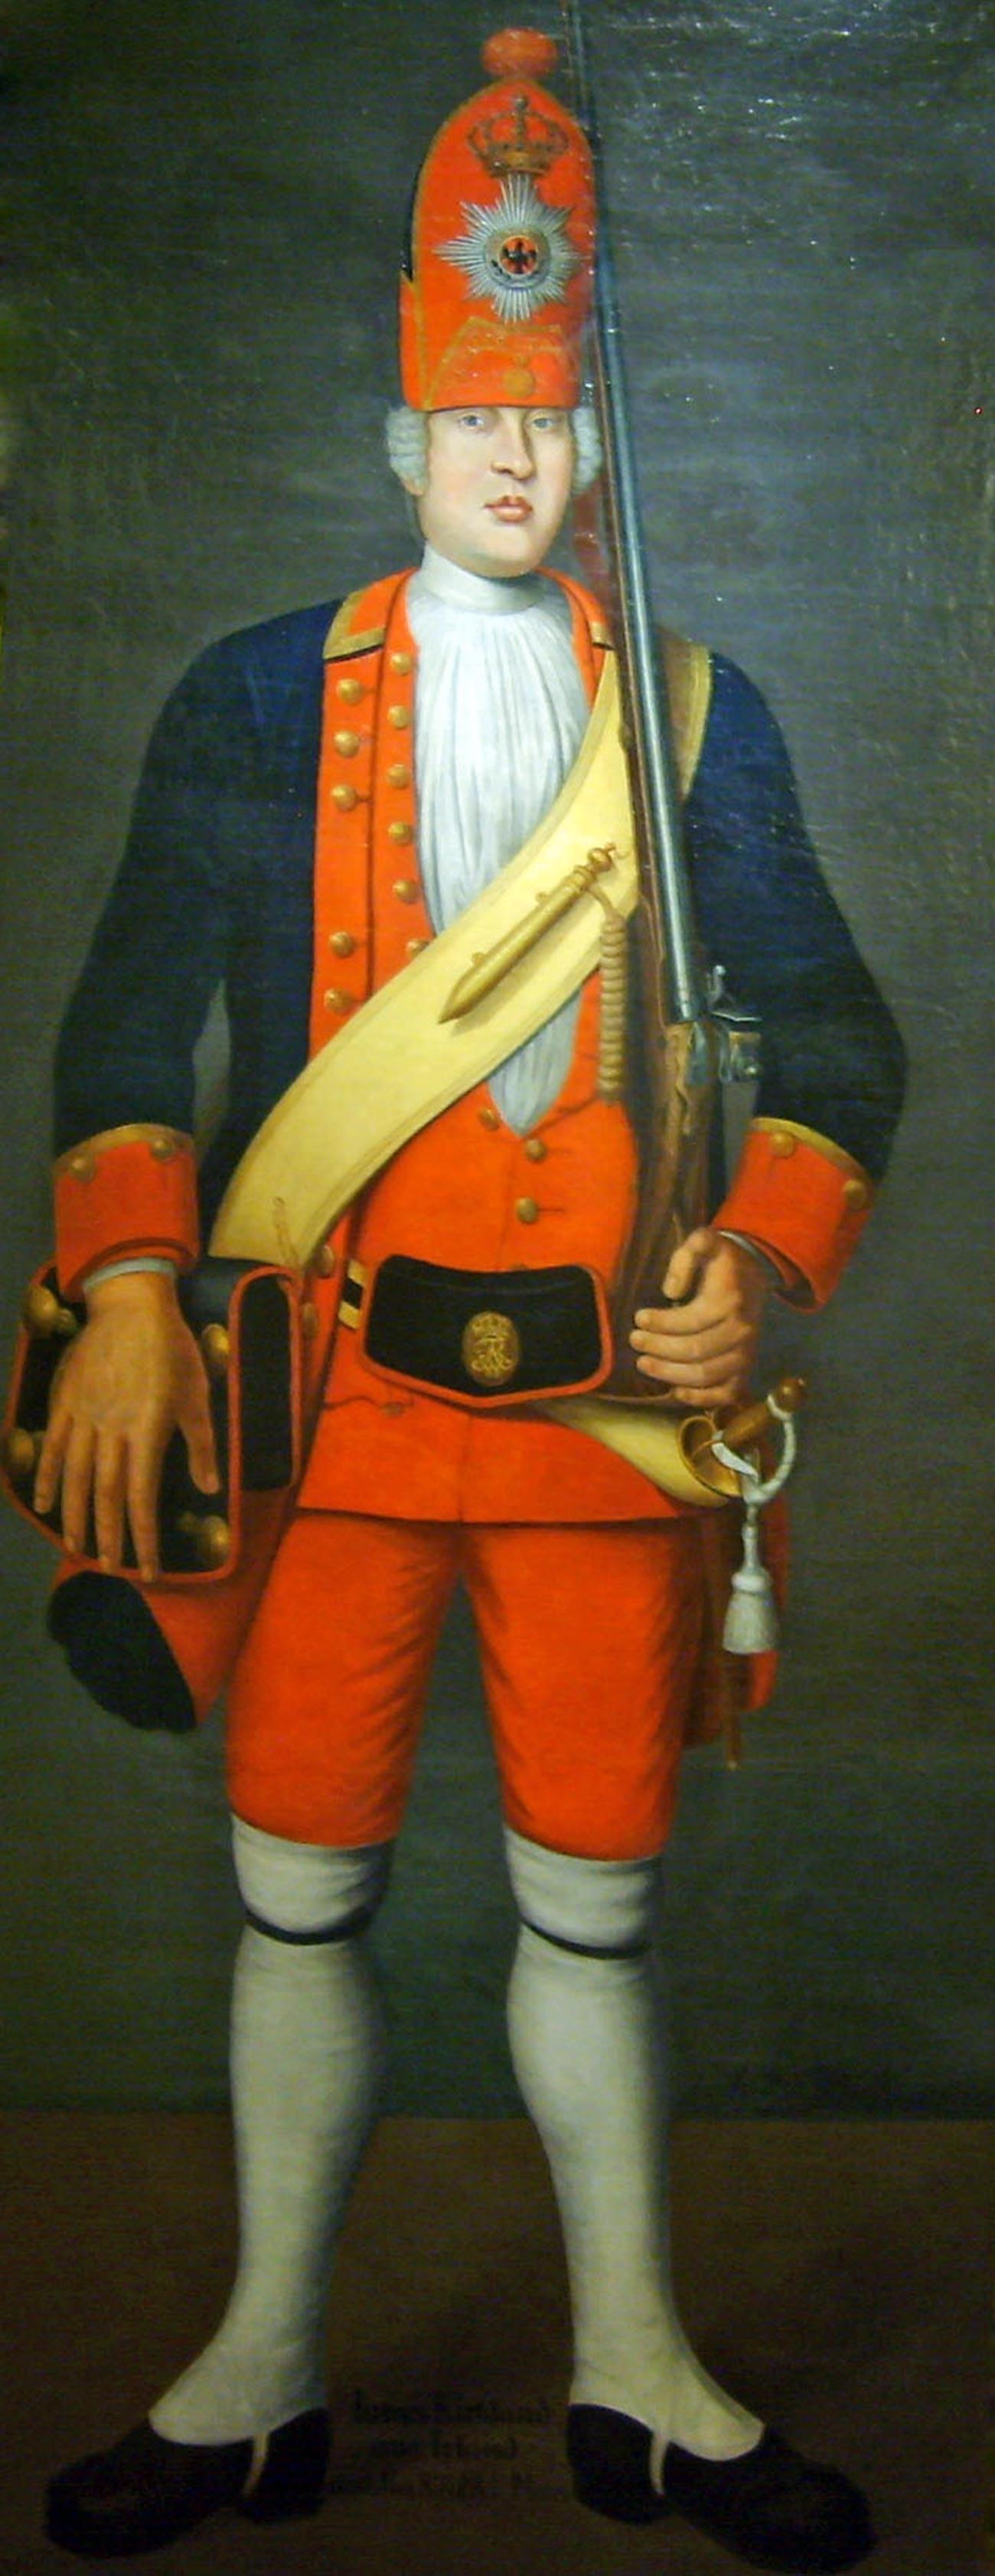 """James Kirkland, uno dei giganti più alti: 216 cm. Fu catturato e costretto a unirsi agli """"Spilungoni"""" del re di Prussia"""